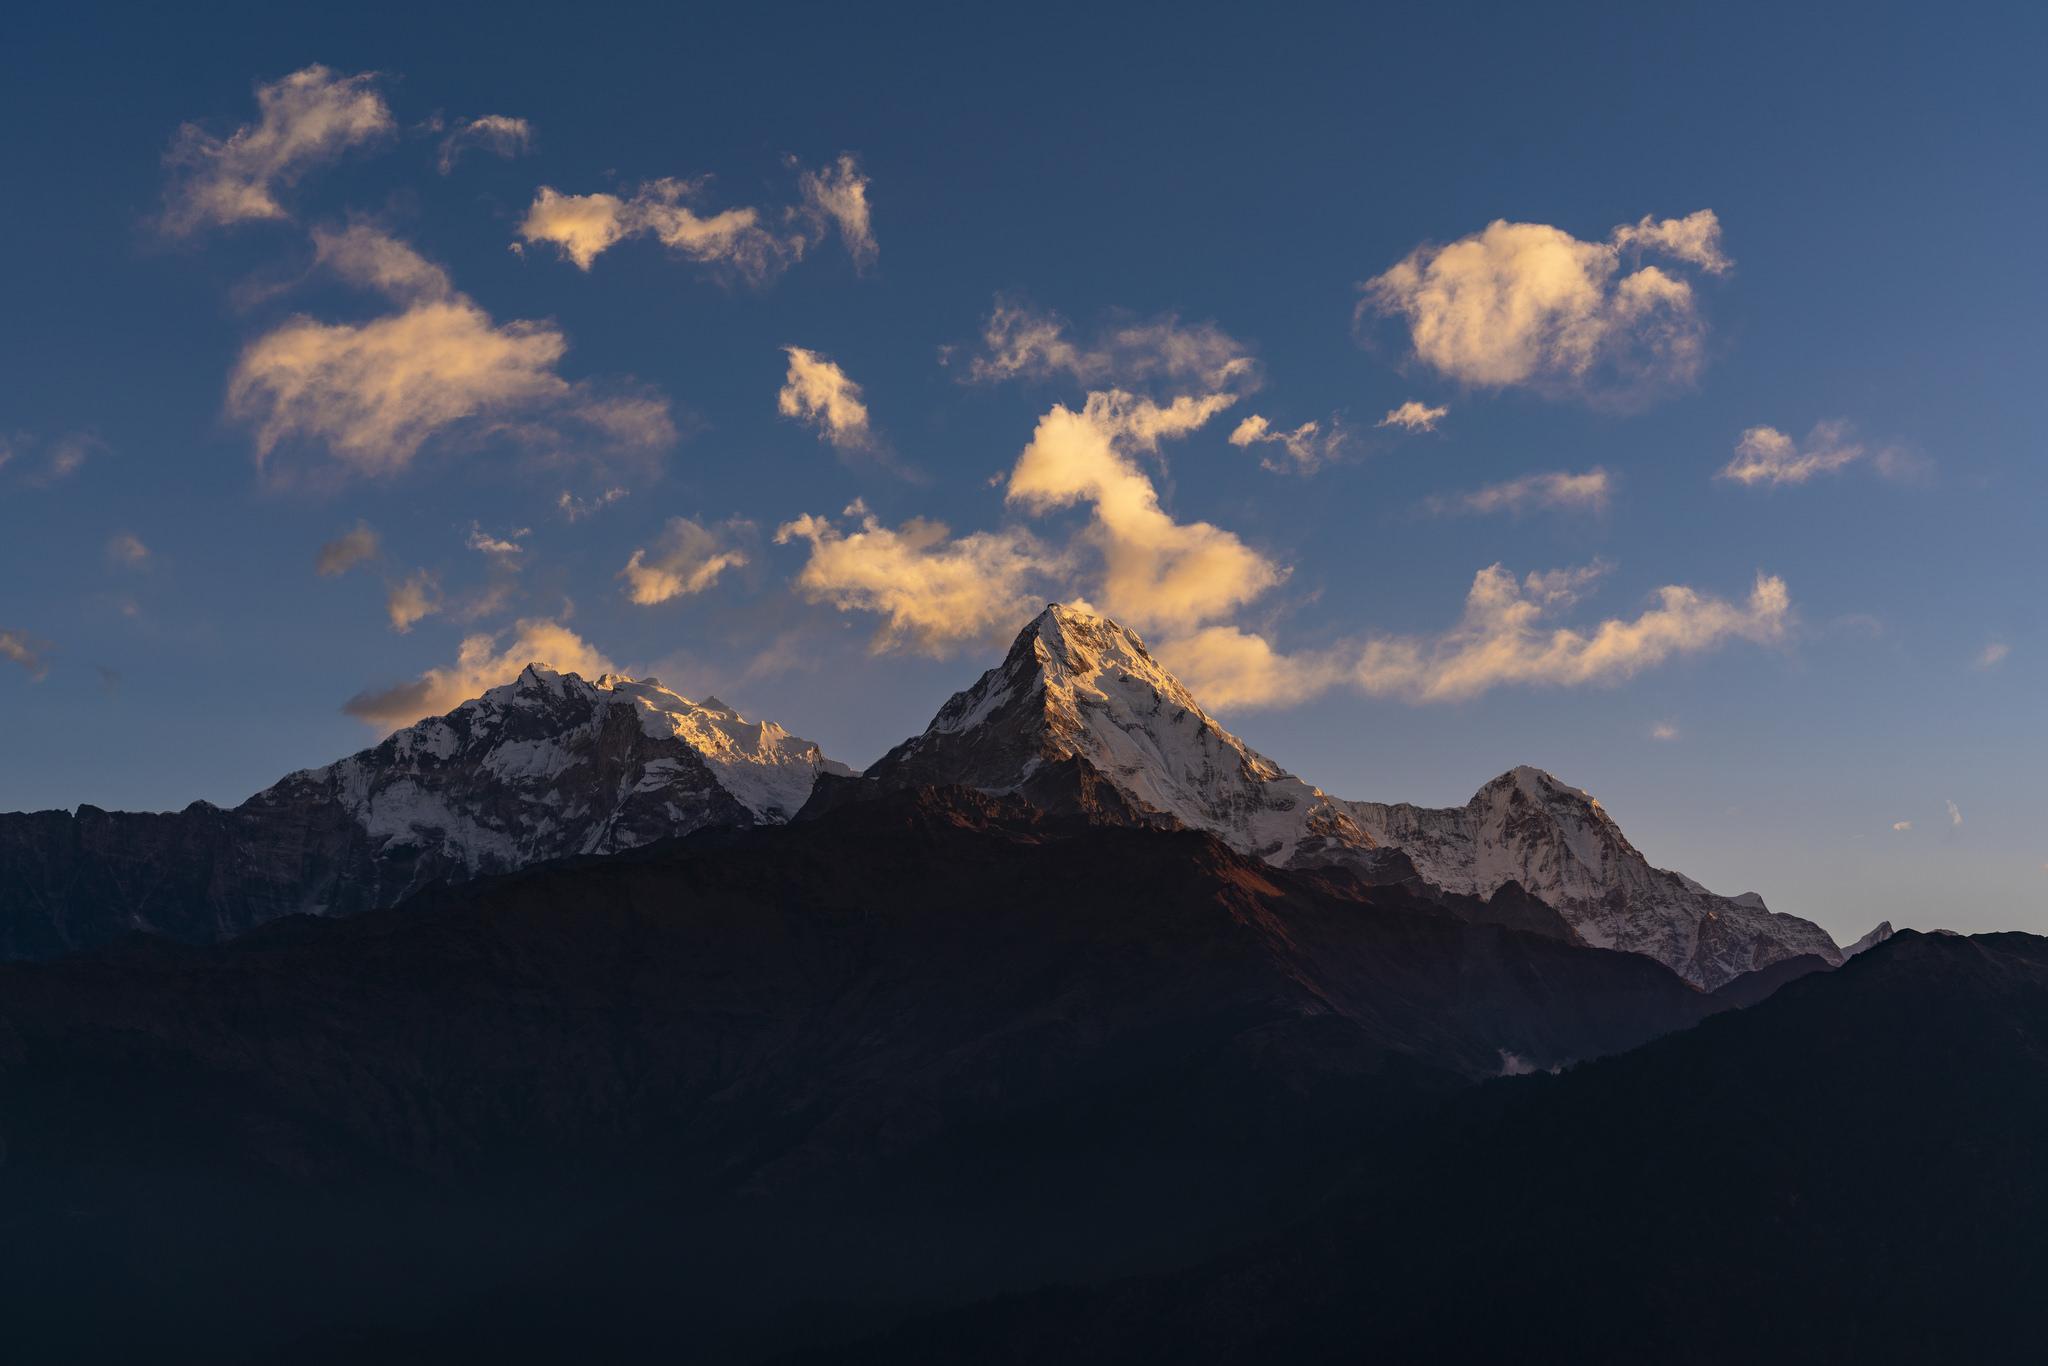 【波卡拉】尼泊爾「Poon Hill」- 登山健行全攻略。用4天換一生的感動!